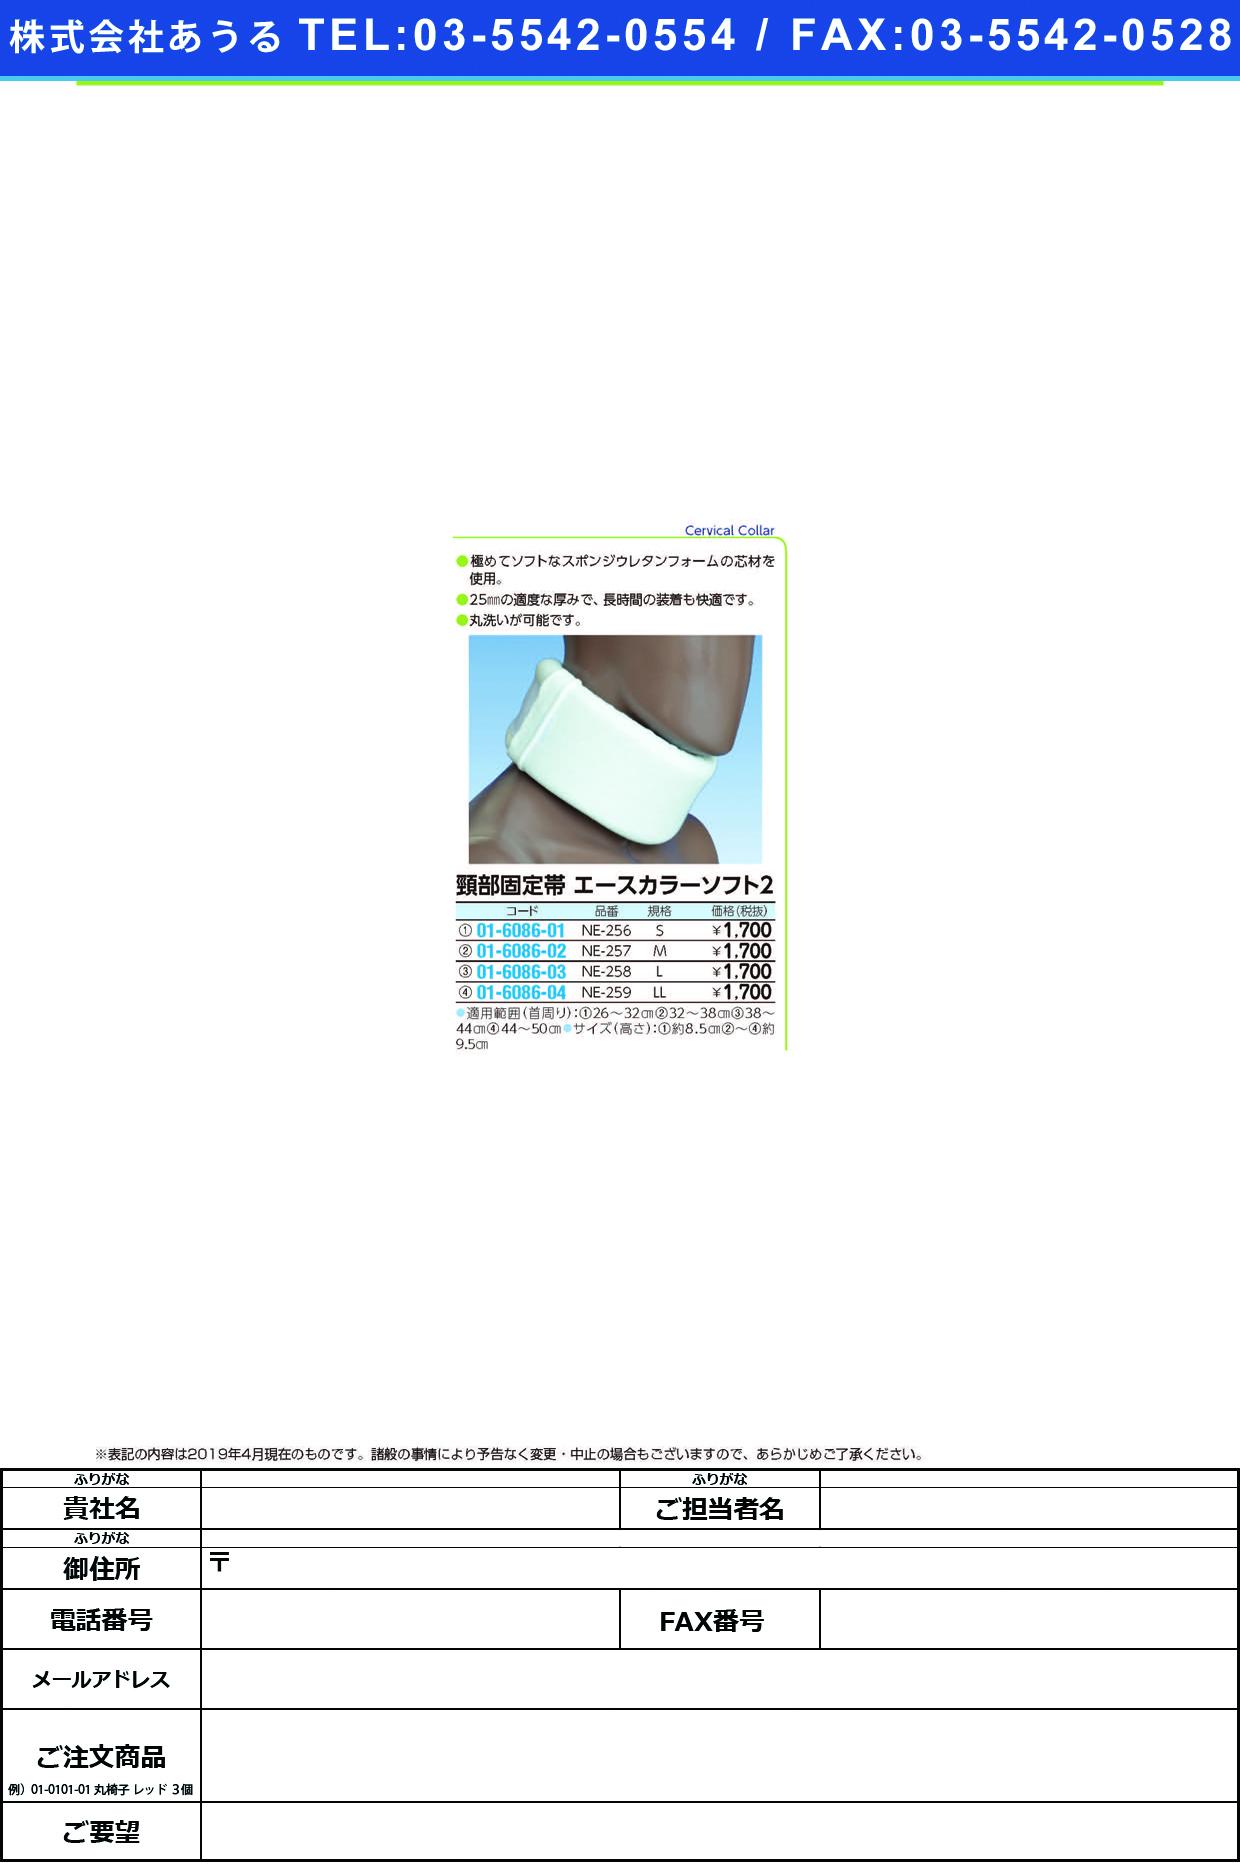 (01-6086-03)エースカラーソフト2(L) NE-258(1コイリ) エースカラーソフト2(L)(日本衛材)【1箱単位】【2019年カタログ商品】